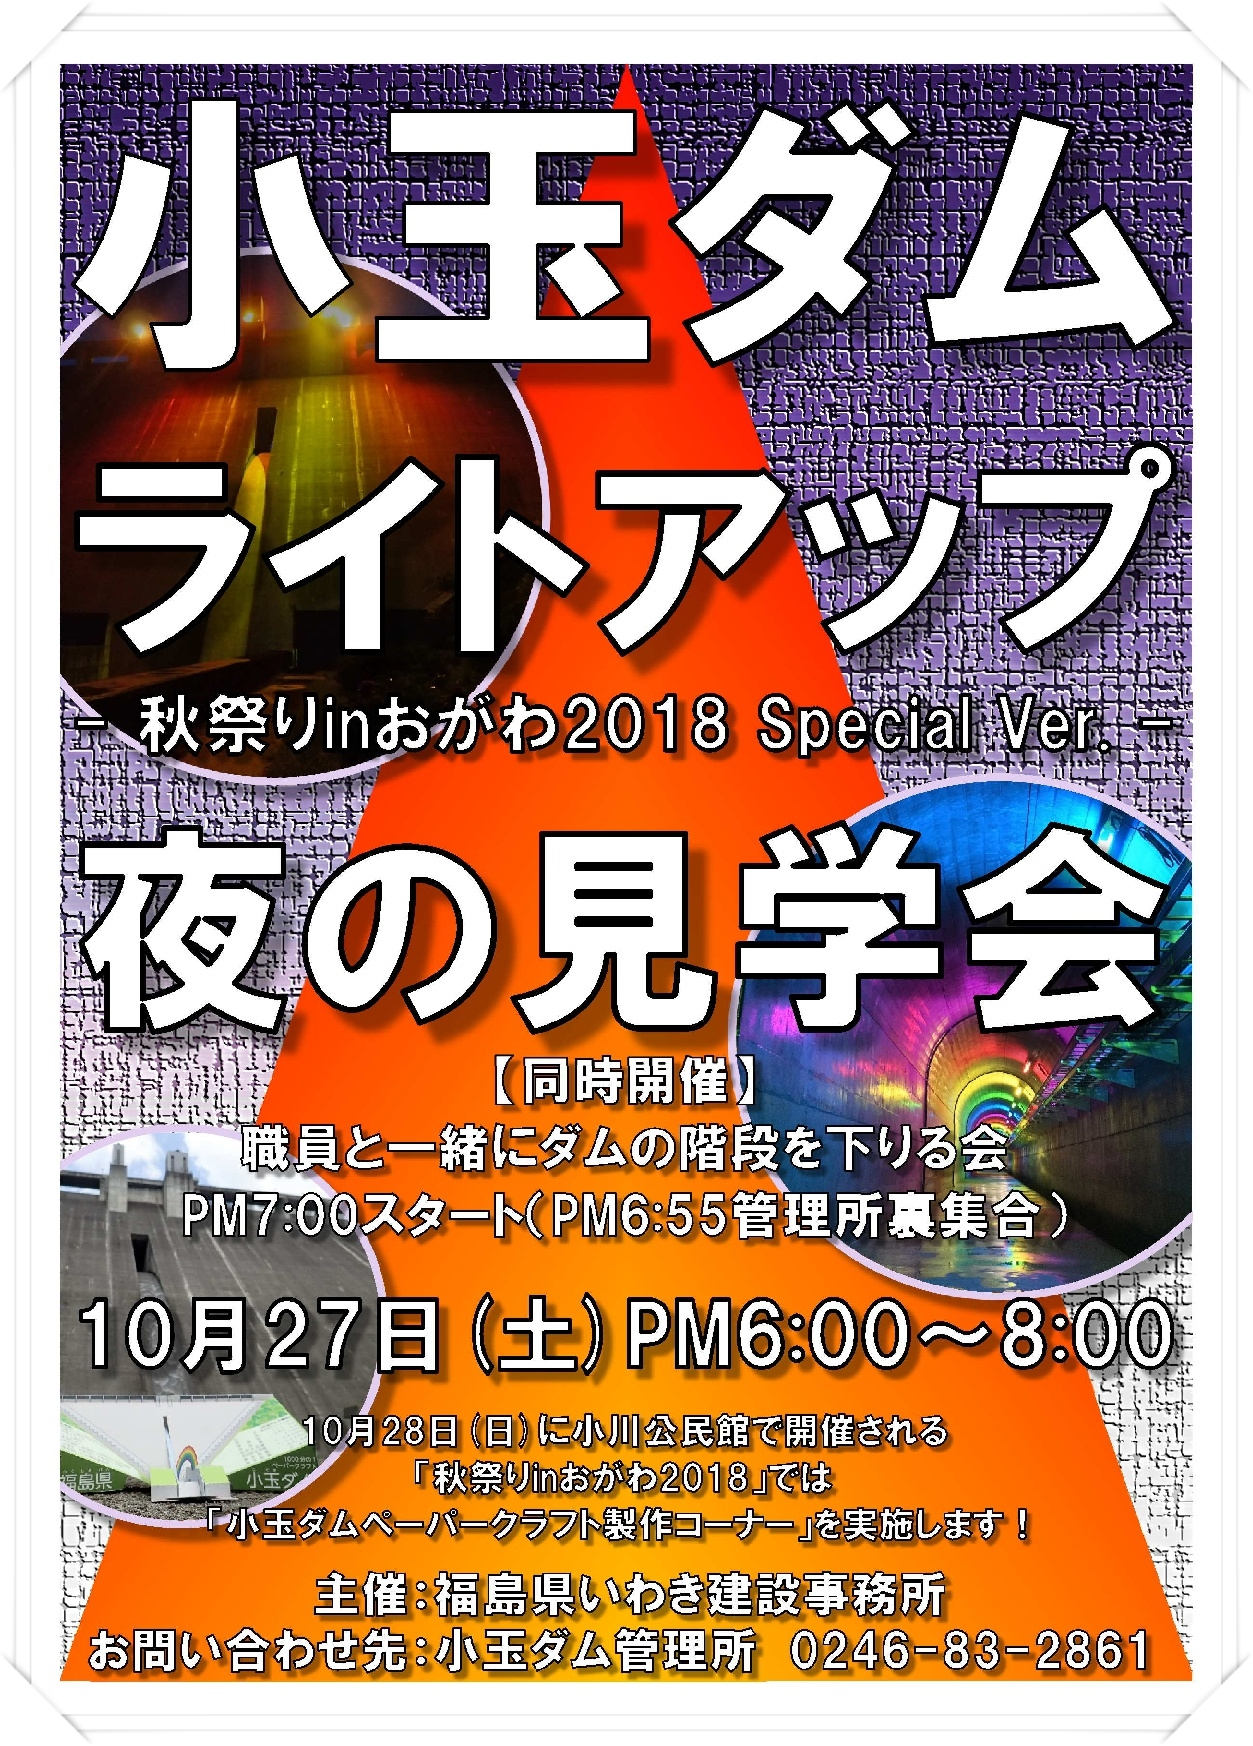 「小玉ダムライトアップ・夜の見学会」 27日(土)開催! [平成30年10月22日(月)更新]